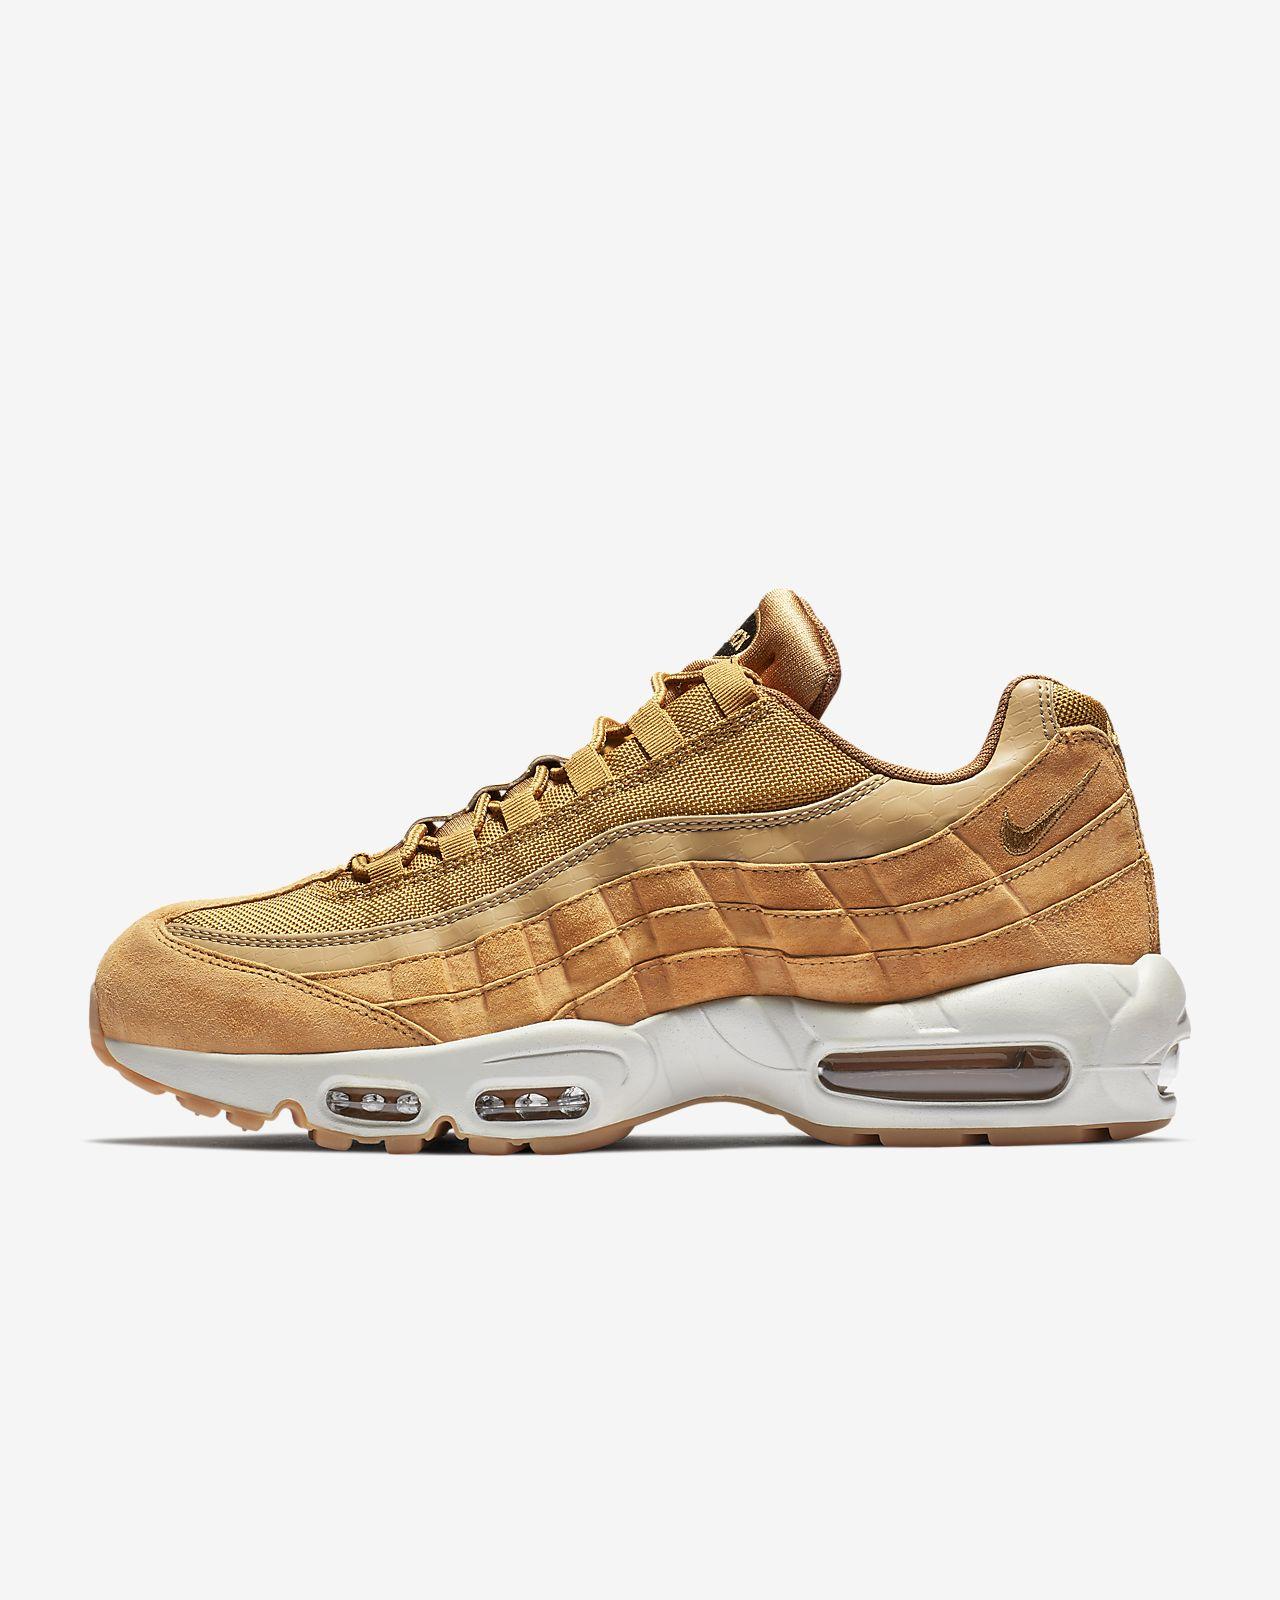 08e3bb69998 Nike Air Max 95 SE Men s Shoe. Nike.com LU